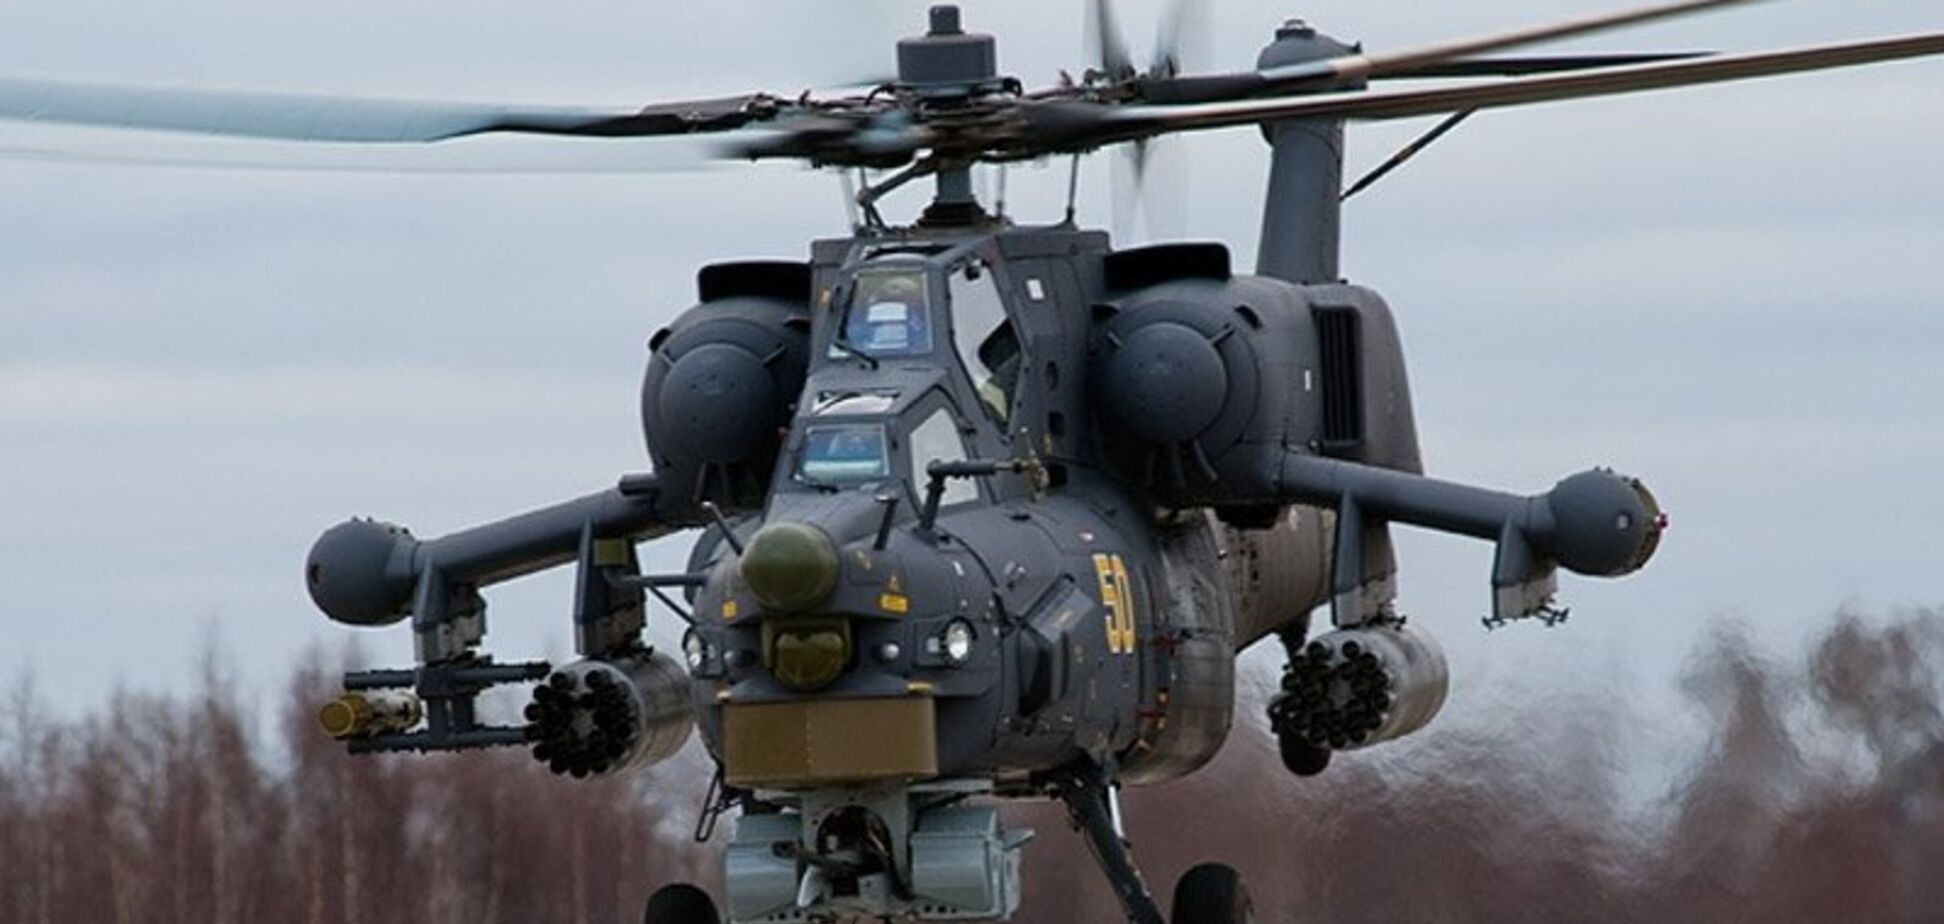 Атаковал корабли Украины: всплыли скандальные данные о разбившемся в России МИ-28